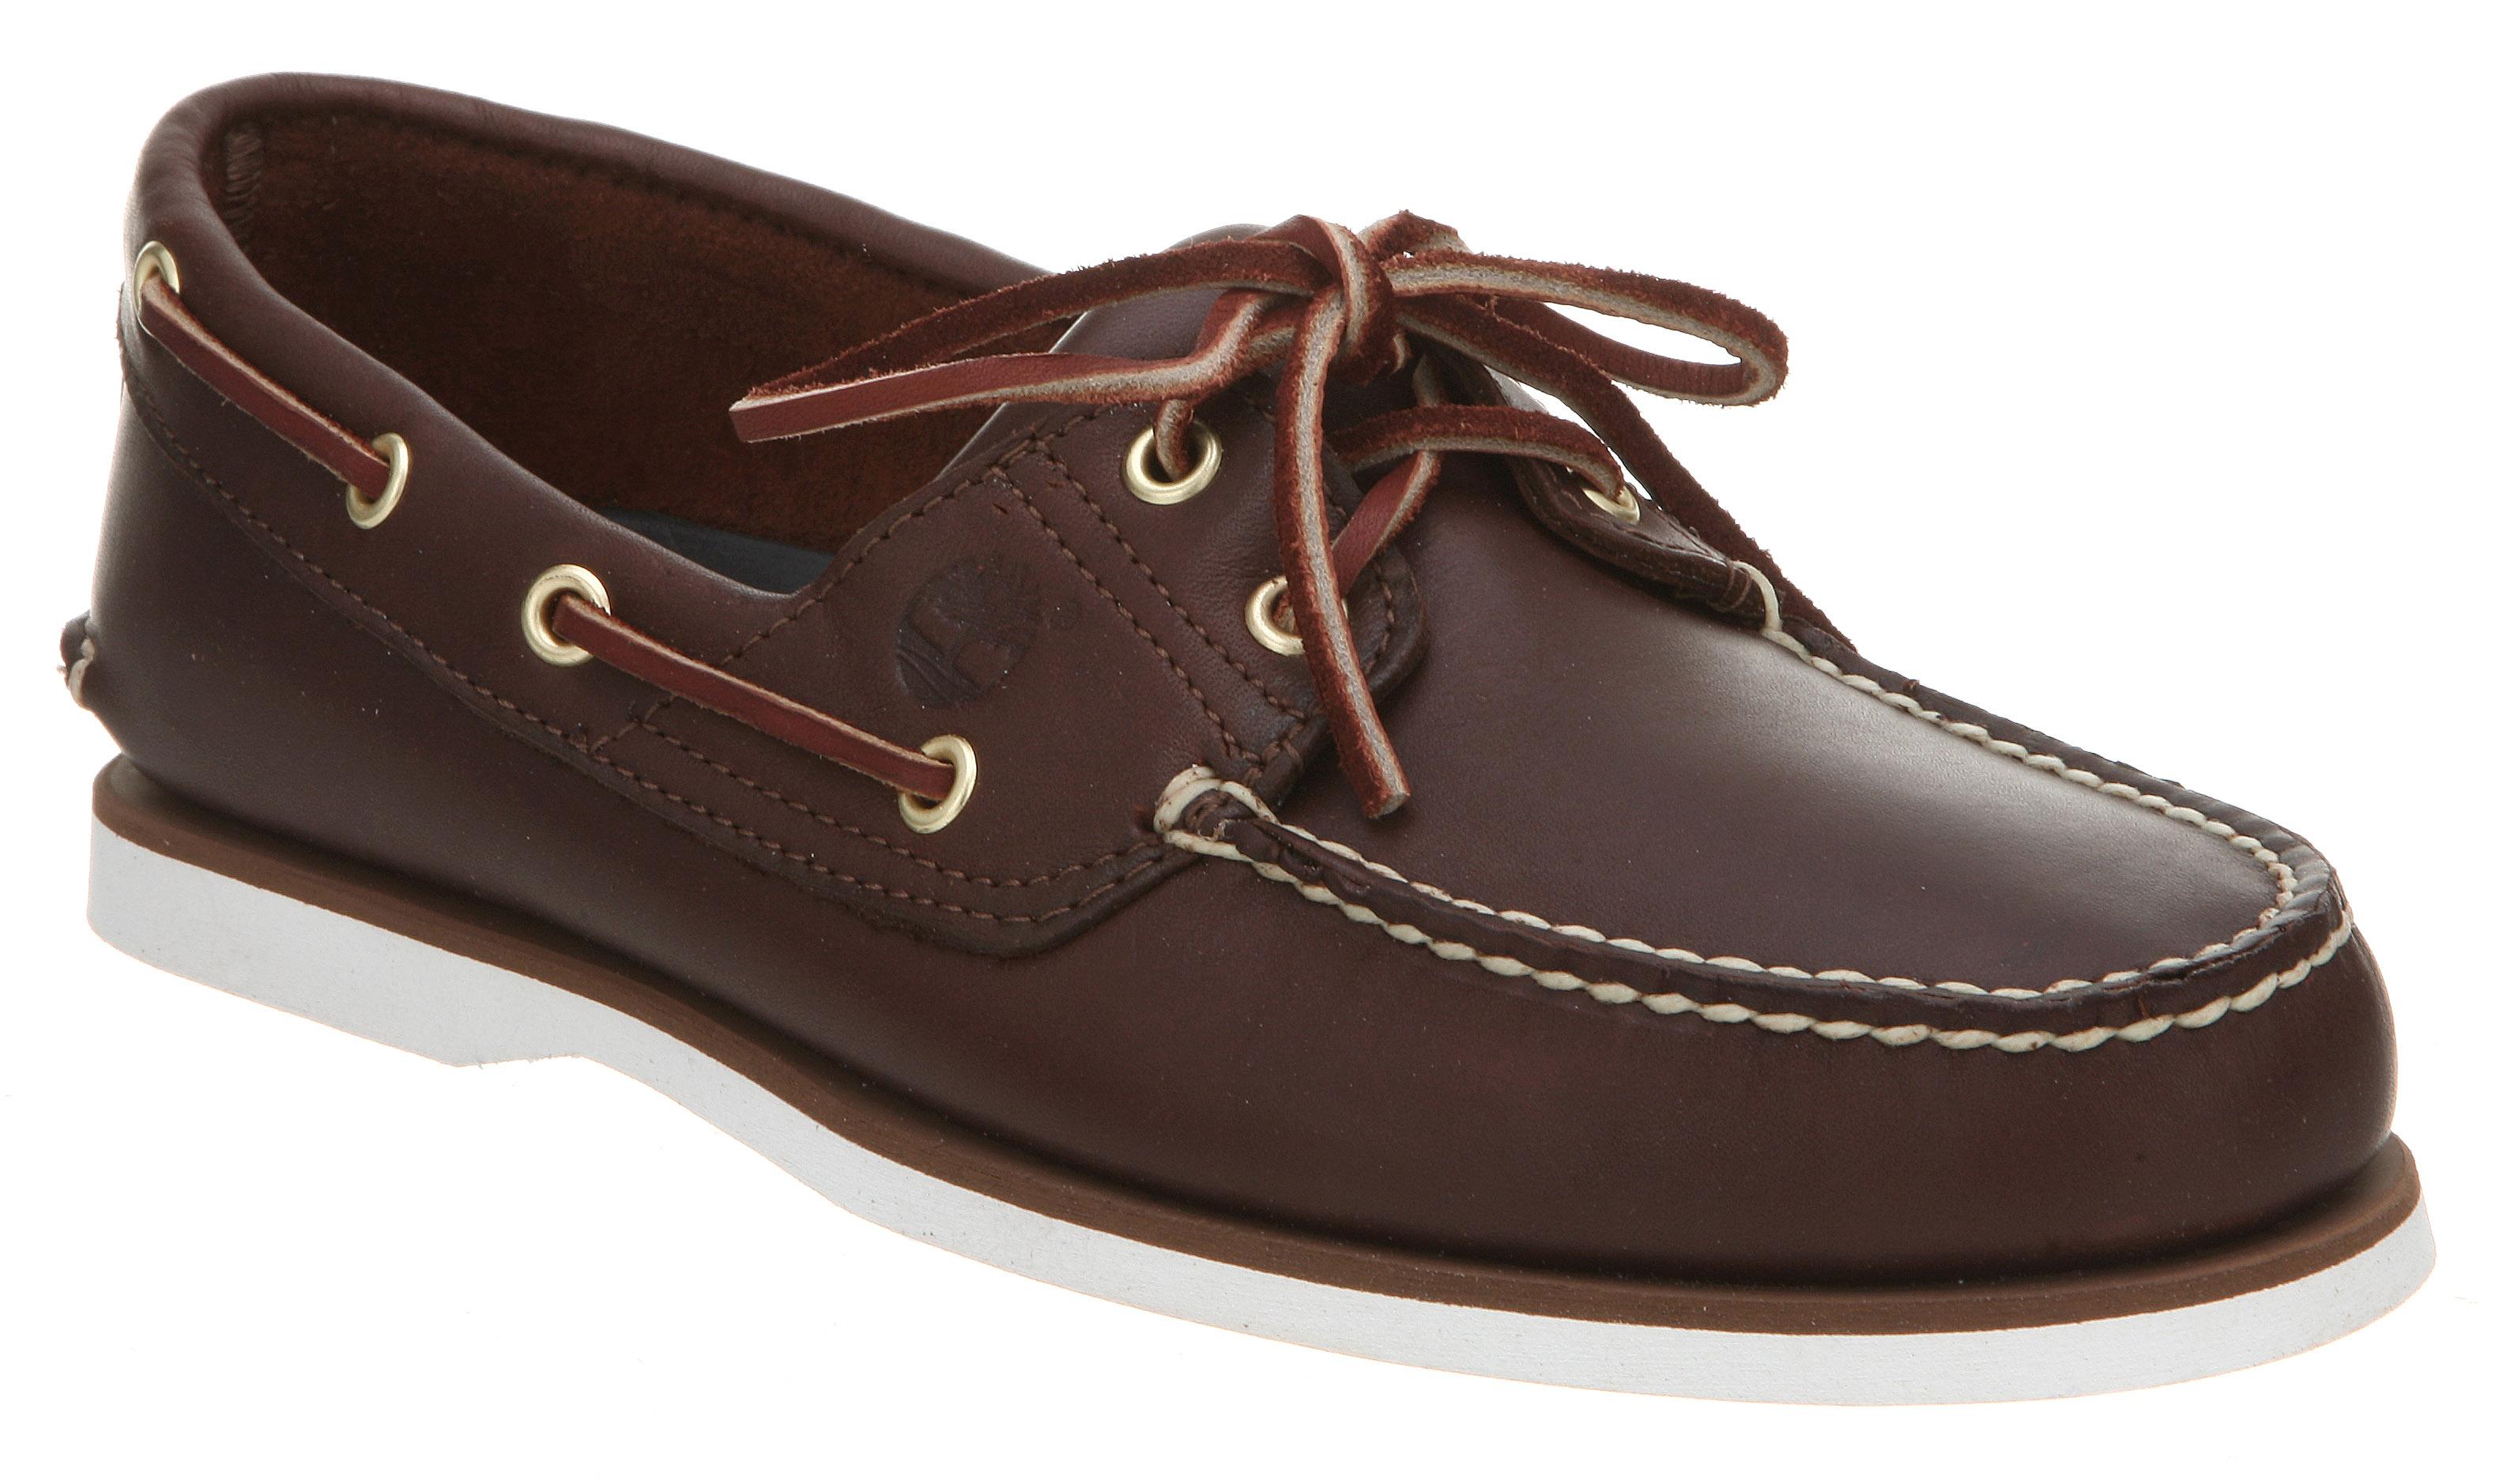 timberland boat shoes ebay uk